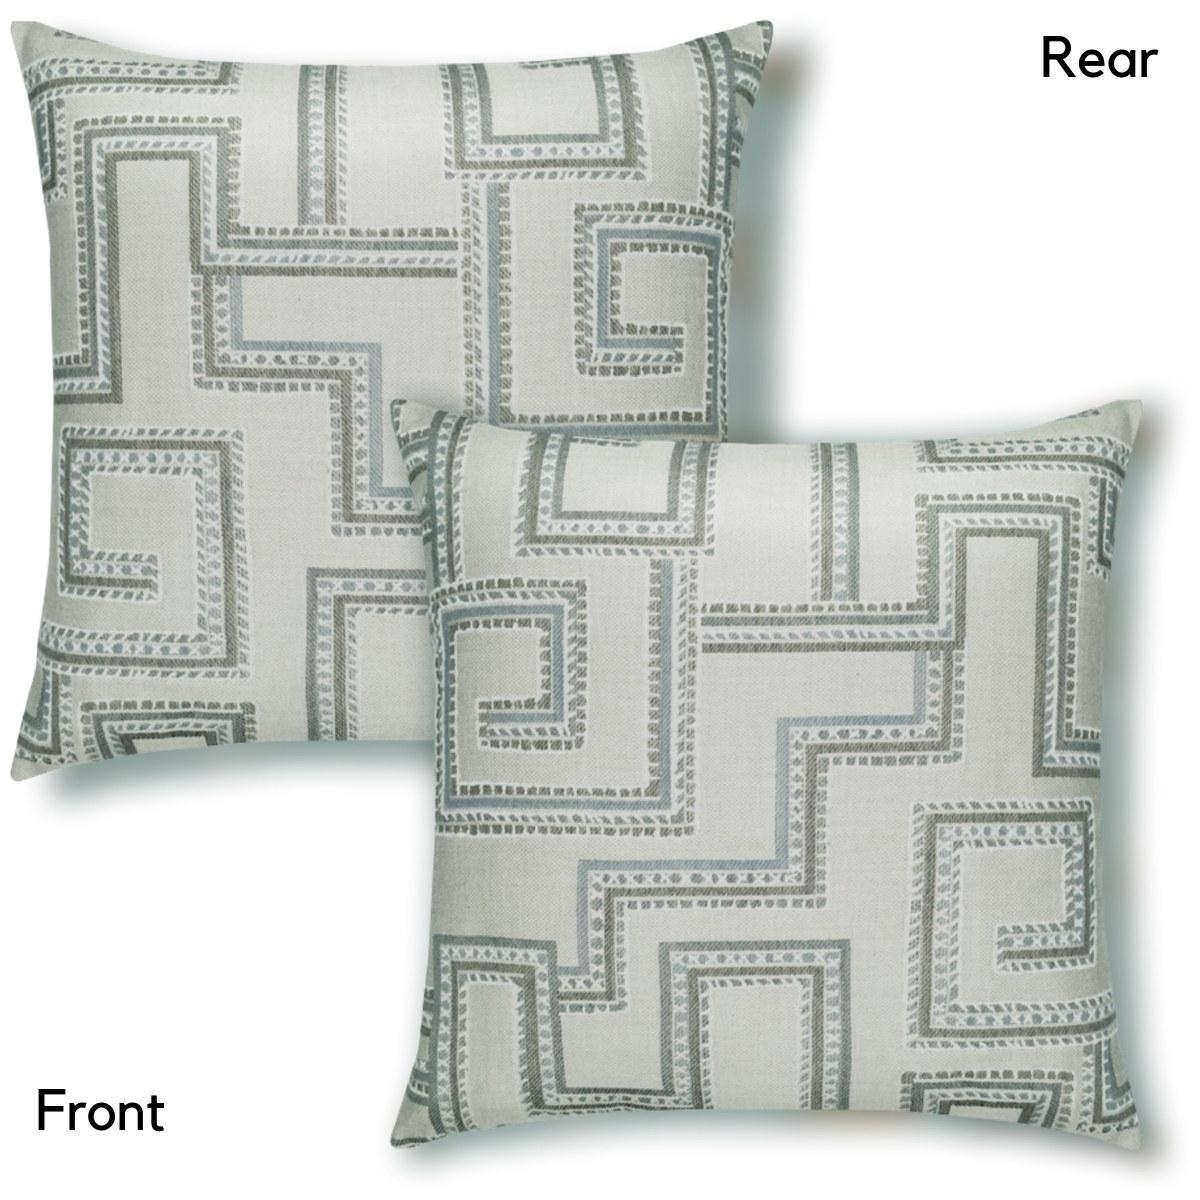 elaine-smith-maze-pillow both sides